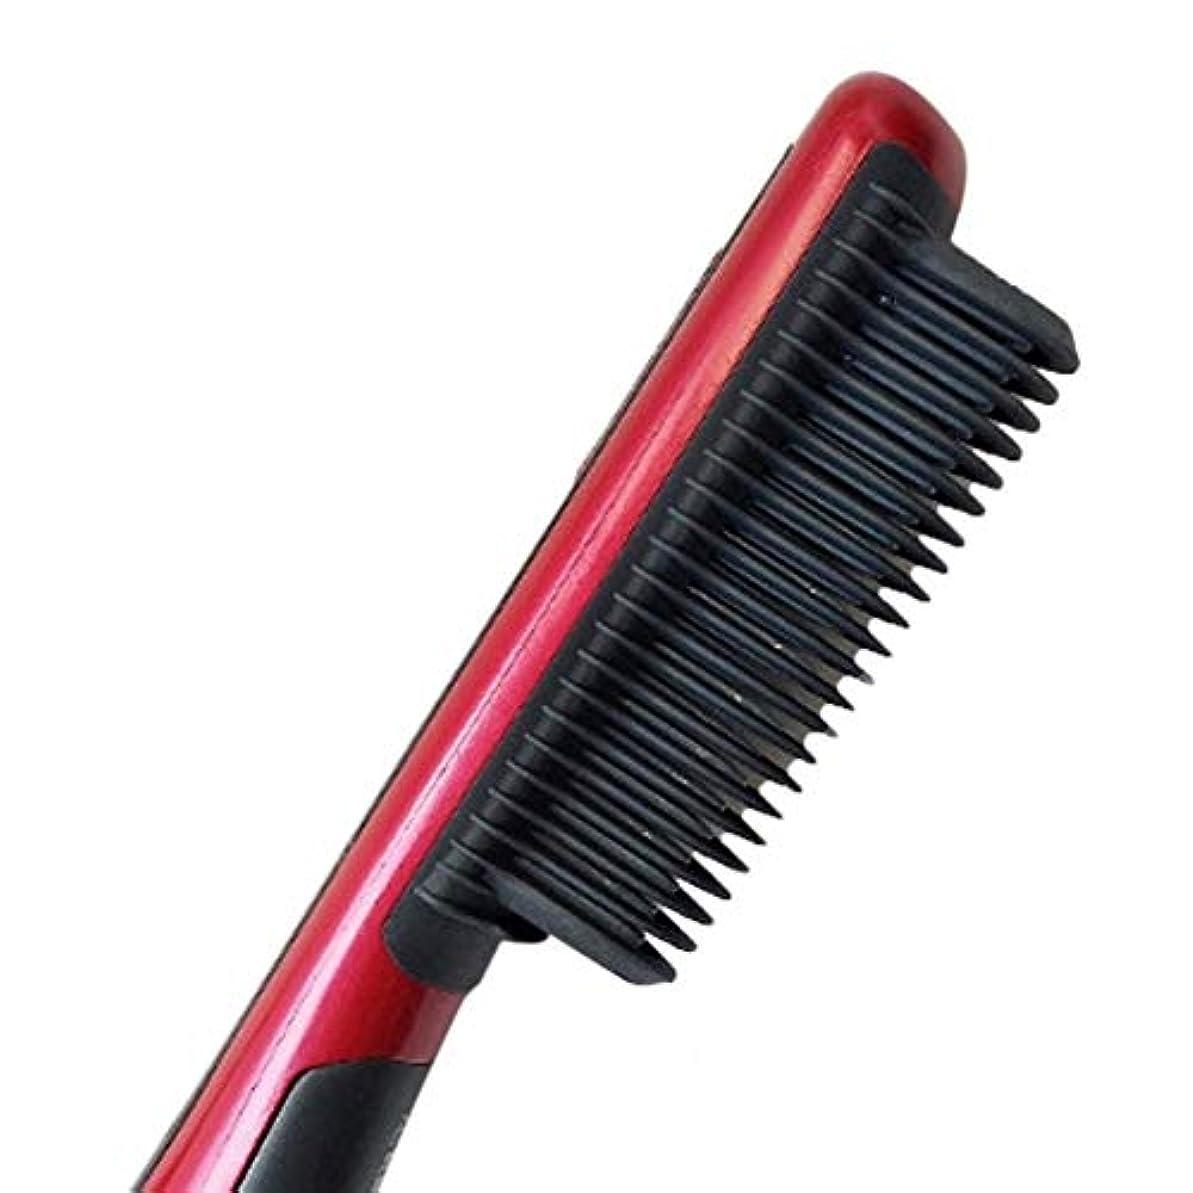 完全に予防接種最も早いJiashenghuang ひげ矯正ストレートヘアストレートブラシミニウェットバティフ櫛櫛メンズひげストレートヘアアイロン (Color : US)